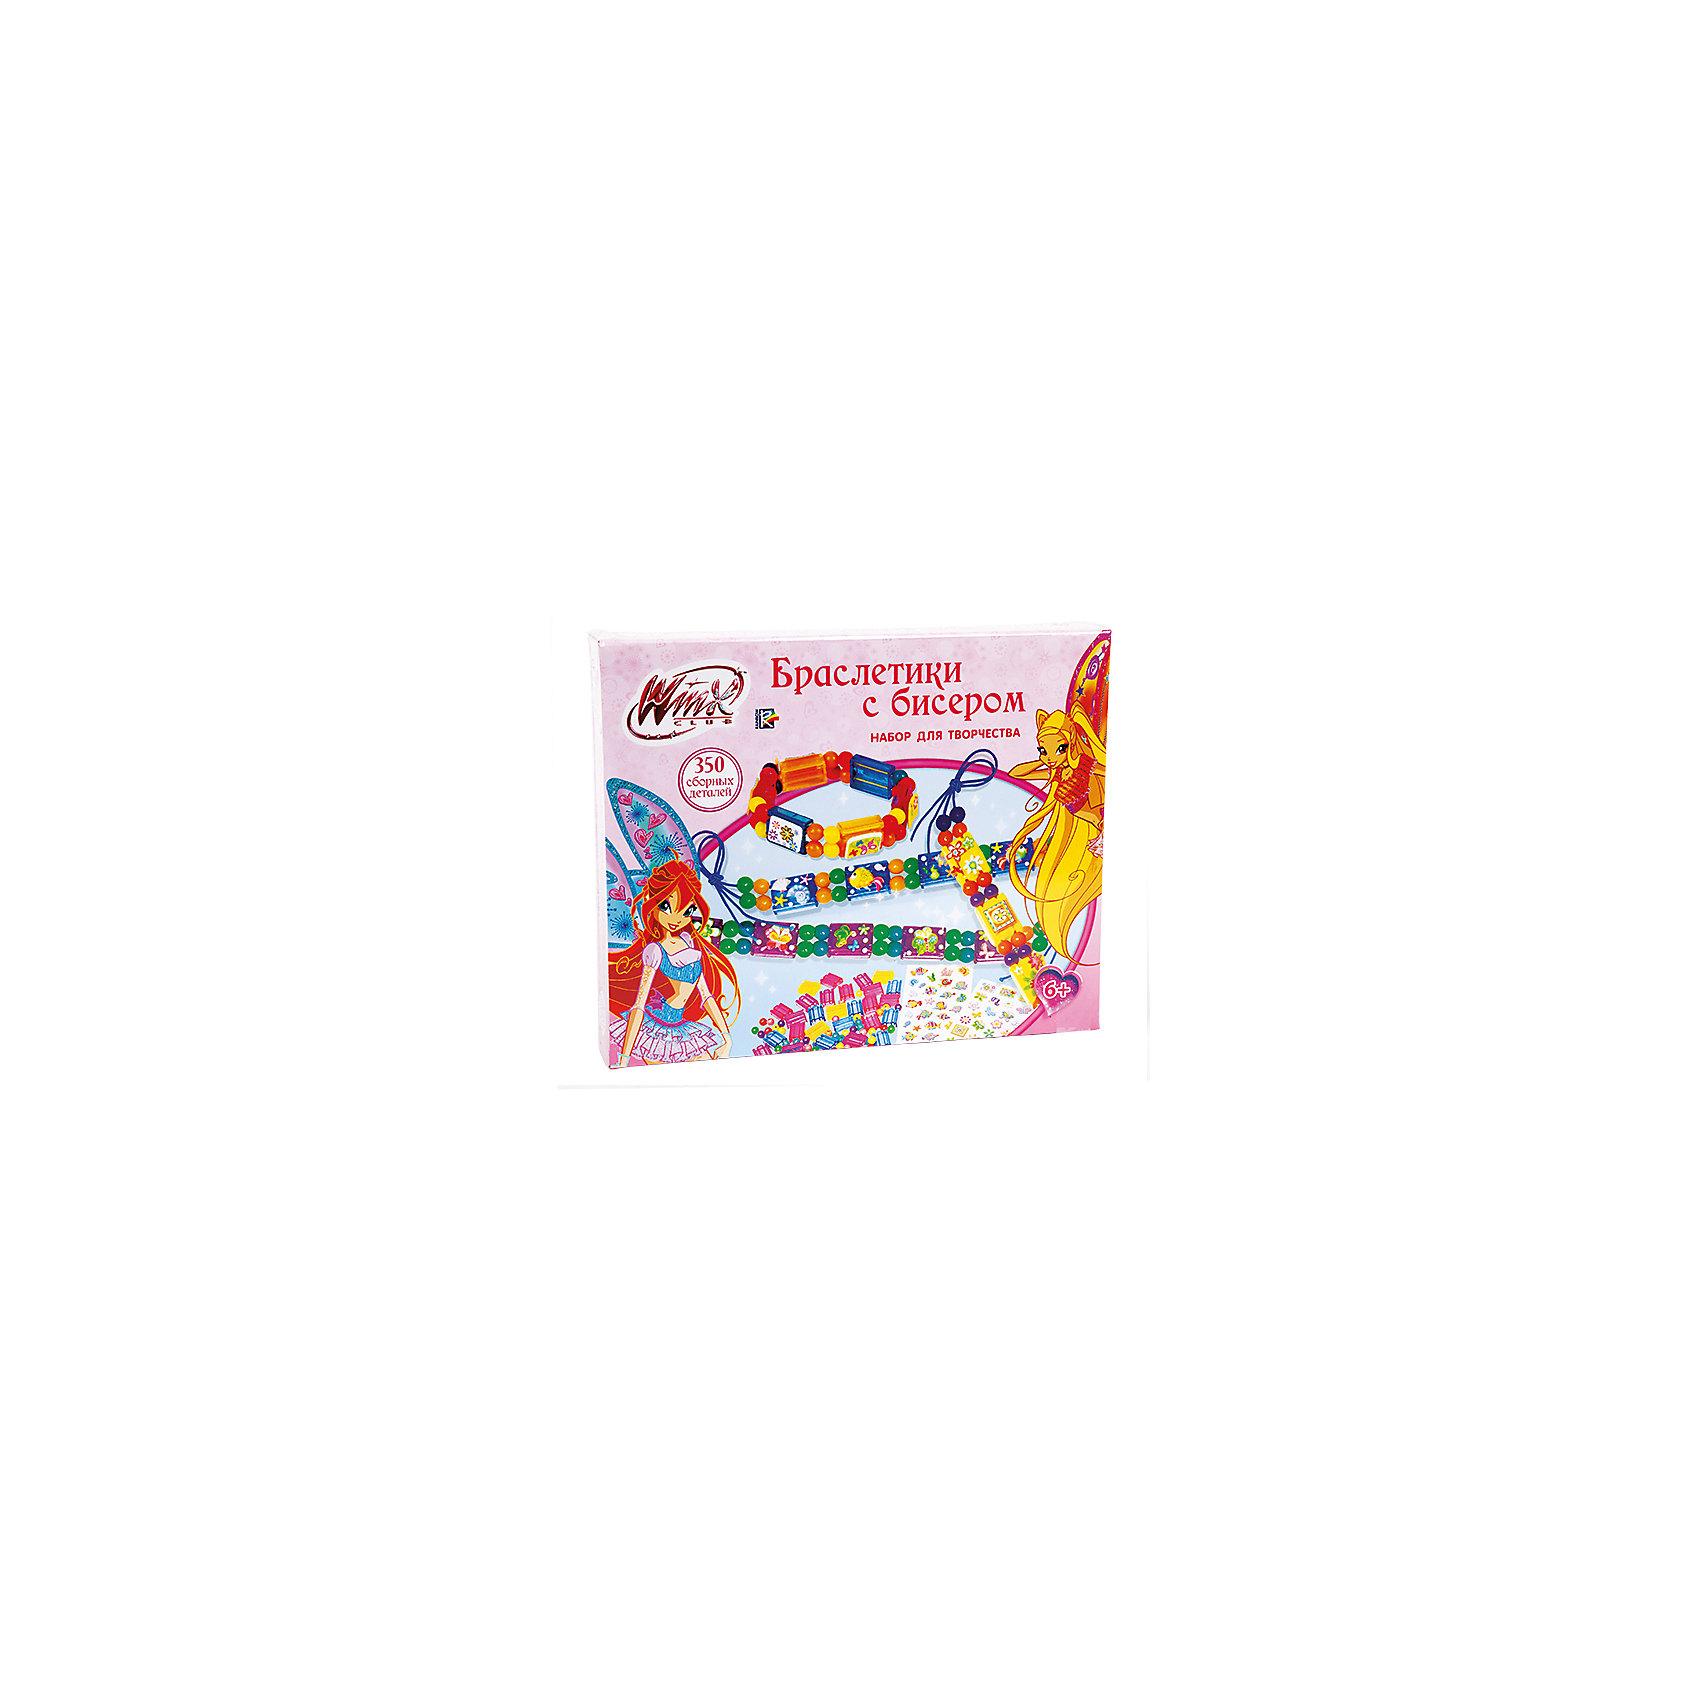 Набор Браслетики с бисером, Winx ClubНабор Браслетики с бисером от очаровательных фей Винкс даст девочке возможность развить воображение и создать красивые браслеты на свой вкус. Украсить готовые браслеты можно объемными наклейками, которые входят в комплект. С такими браслетиками ваша принцесса всегда будет неотразима!<br>Дополнительная информация:<br>-в наборе: 9 мотков ниток, бисер(350 шт.), 3 листа с объемными наклейками<br>Сказочный персонаж: Winx Club<br>-вес: 210 грамм<br>-размер упаковки: 27x22x4<br>Набор Браслетики с бисером Winx Club вы можете приобрести в нашем интернет-магазине.<br><br>Ширина мм: 40<br>Глубина мм: 220<br>Высота мм: 270<br>Вес г: 210<br>Возраст от месяцев: 72<br>Возраст до месяцев: 108<br>Пол: Женский<br>Возраст: Детский<br>SKU: 4915431